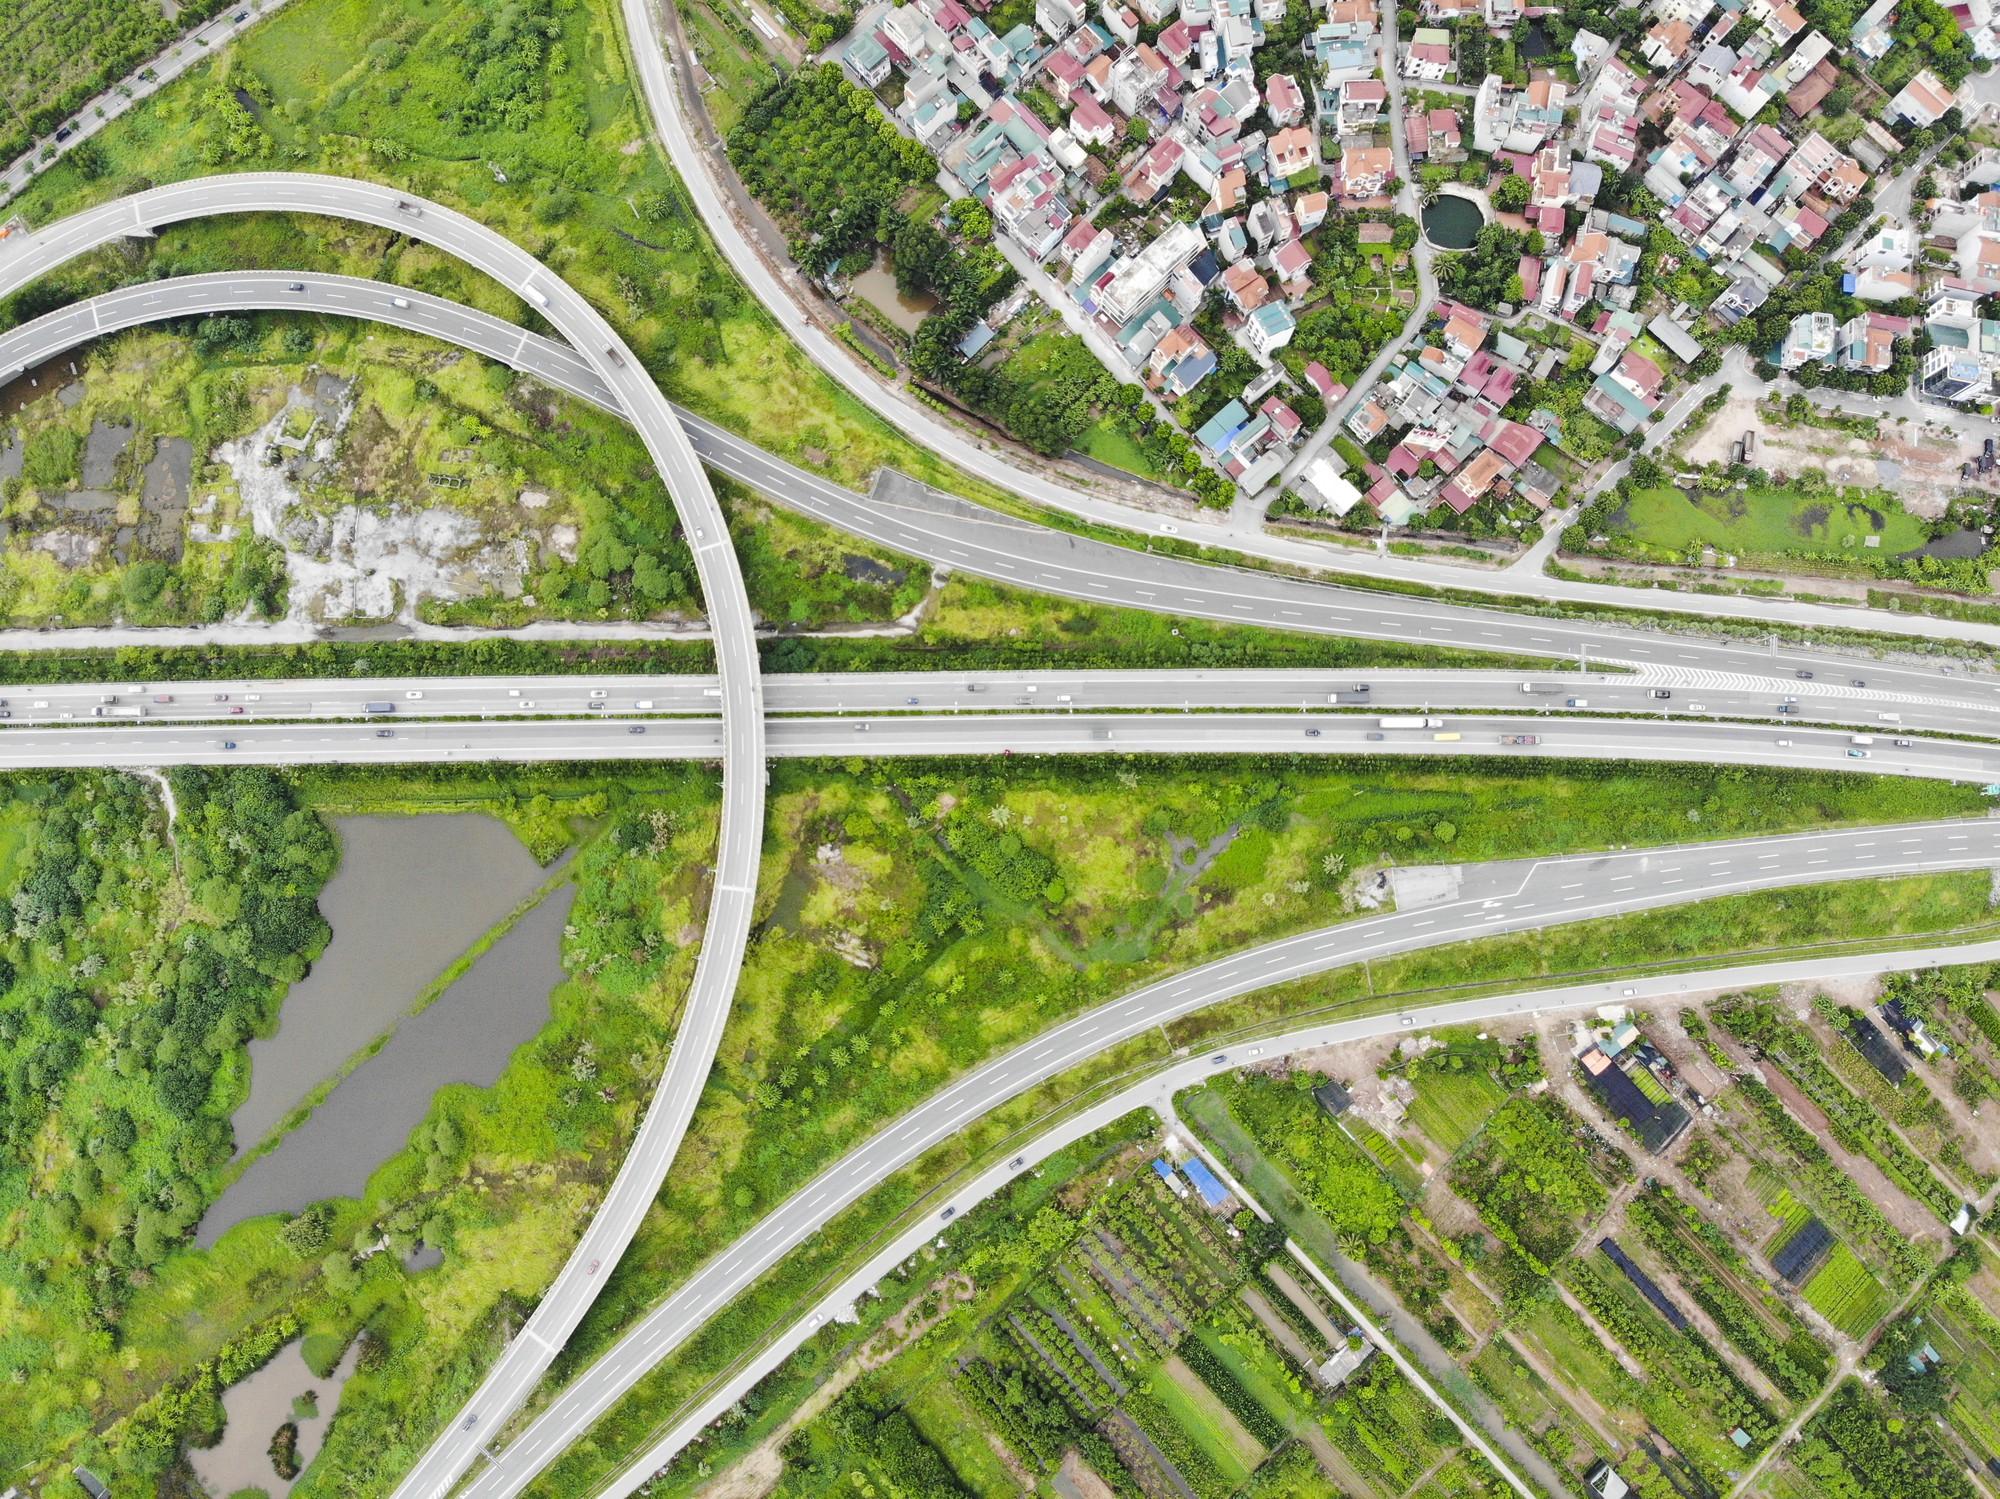 Những giao lộ khổng lồ thay đổi diện mạo cửa ngõ Thủ đô - Ảnh 3.